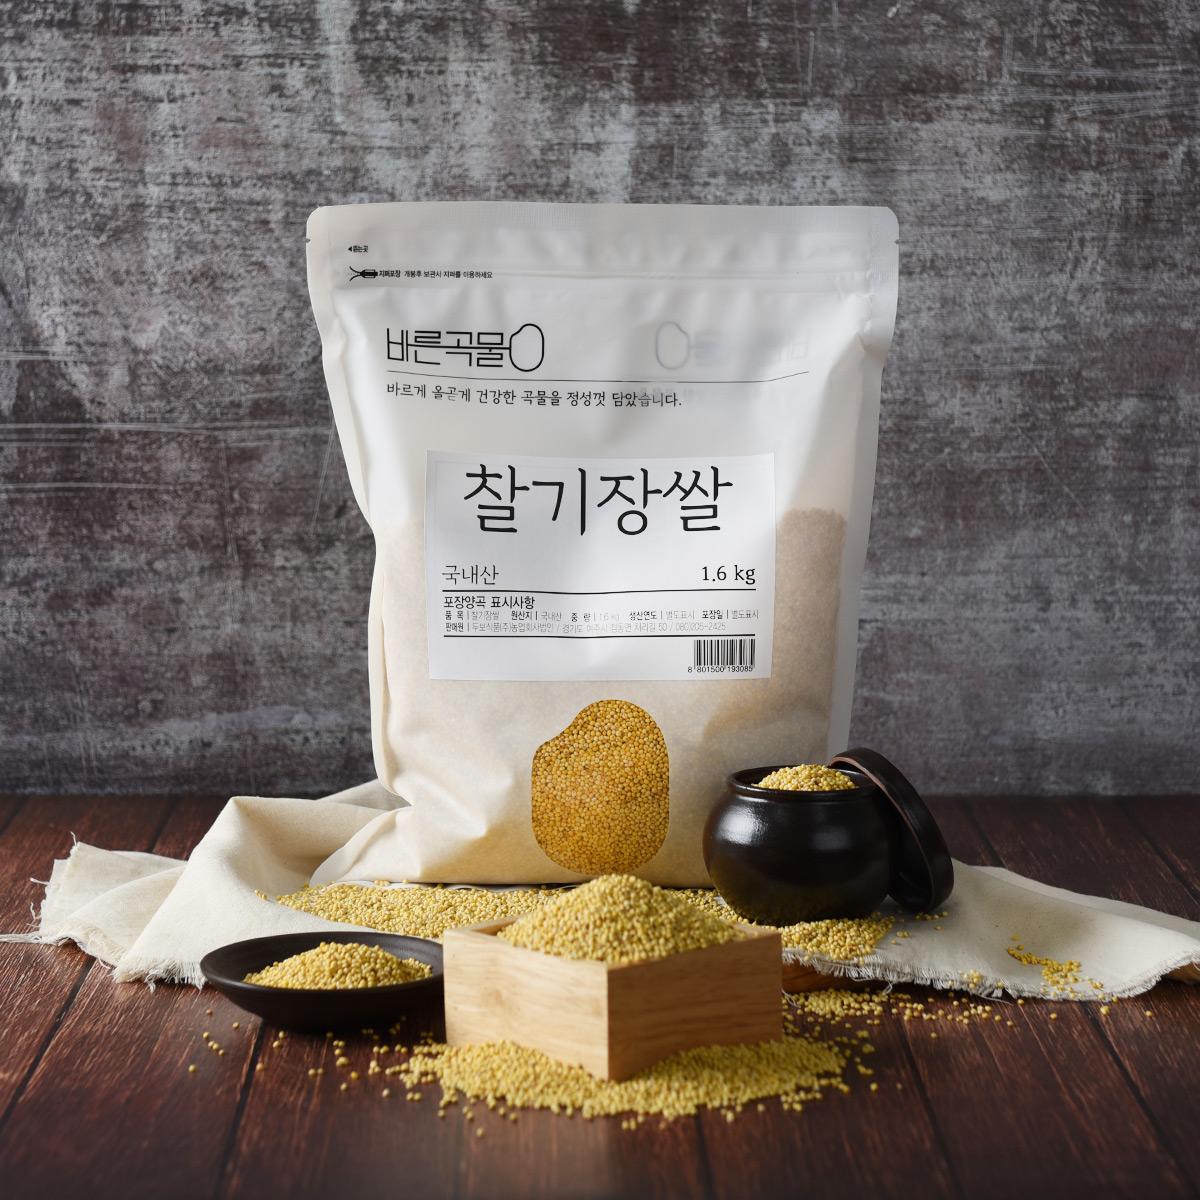 바른곡물 찰기장쌀, 1.6kg, 1개